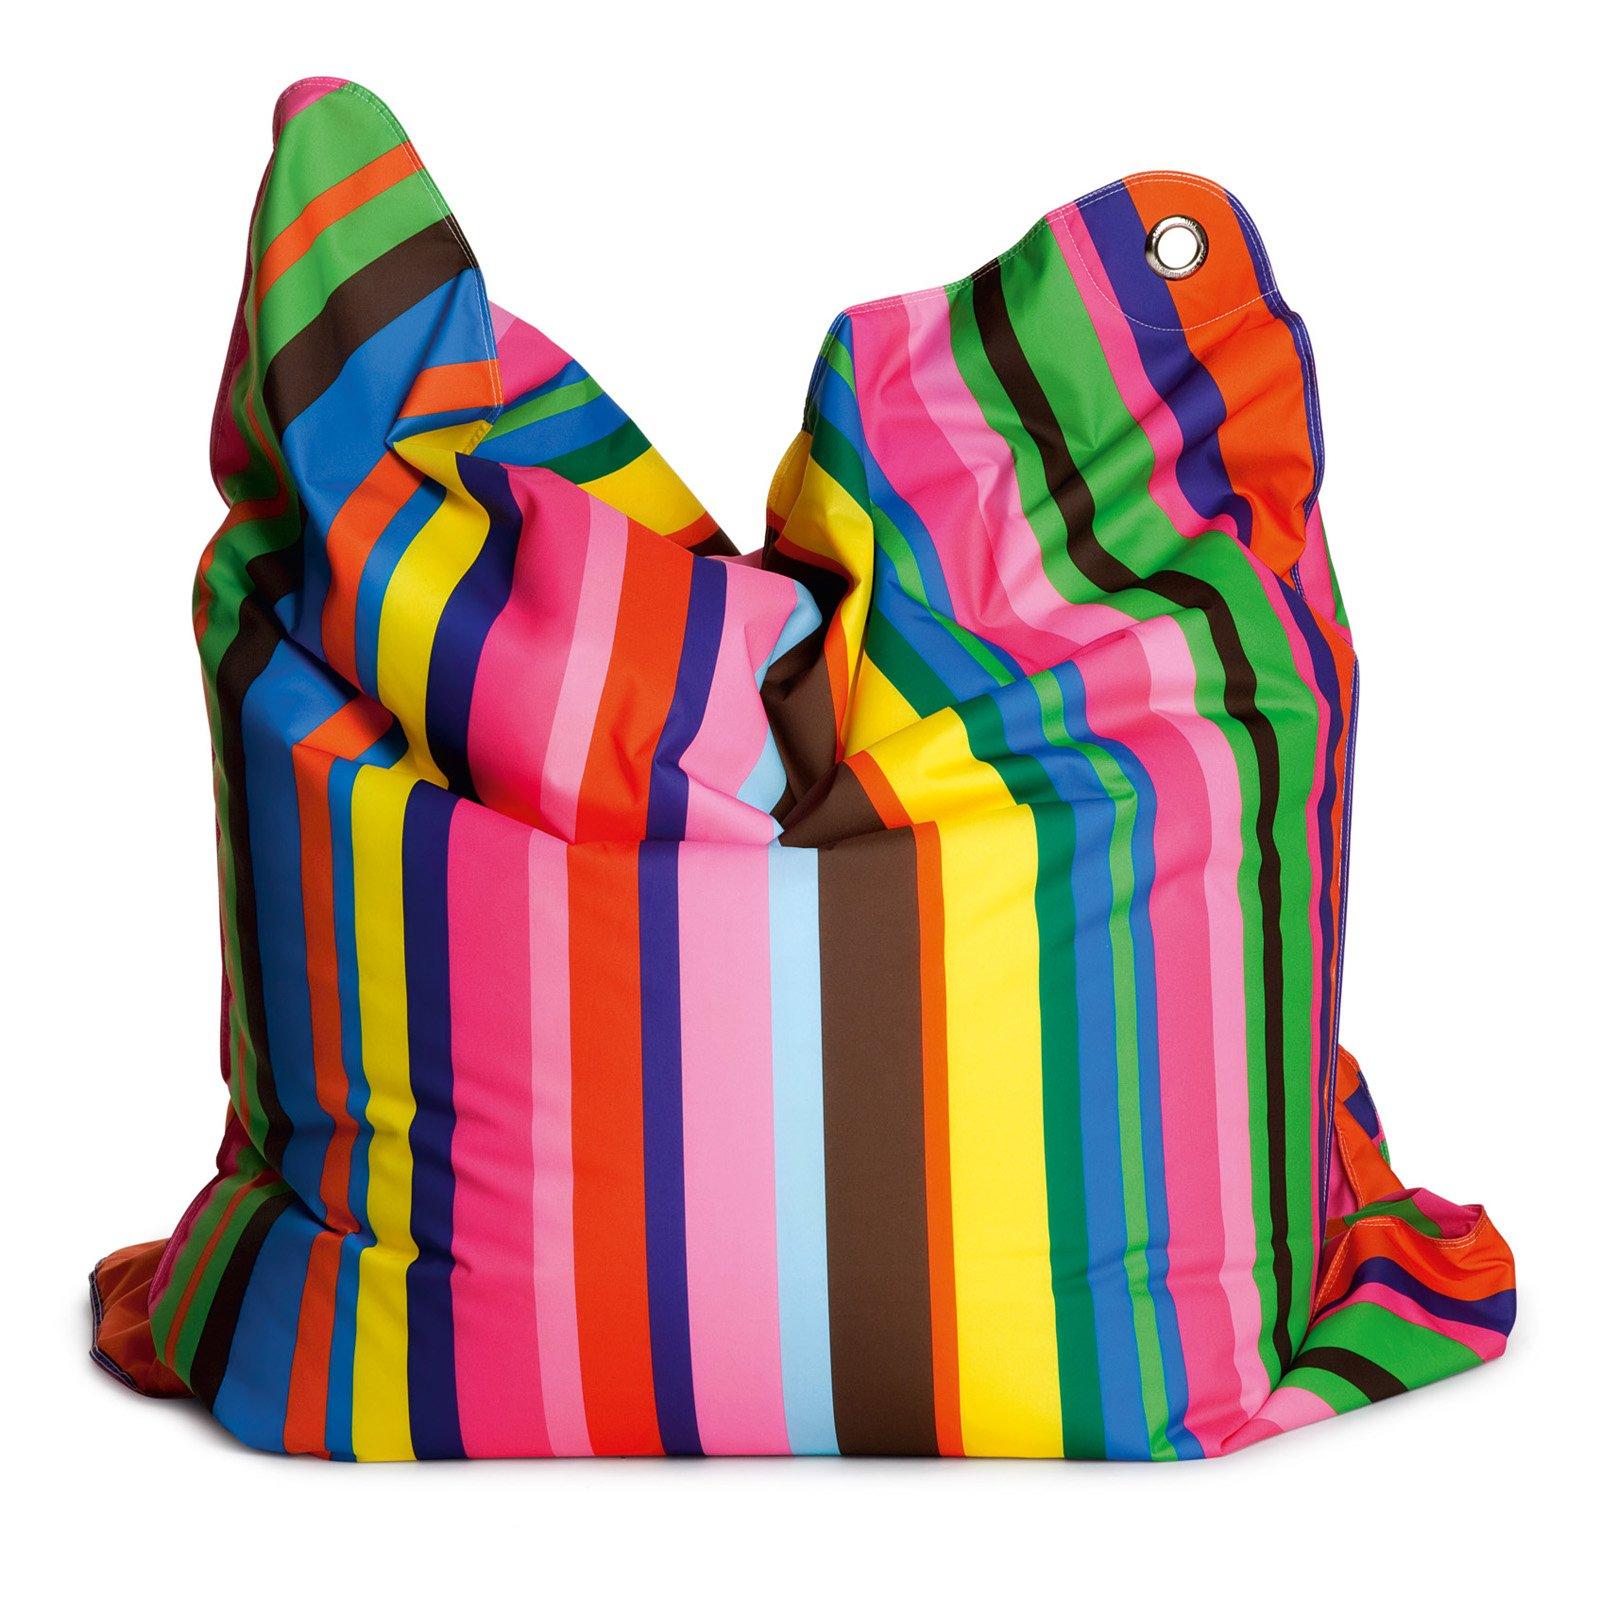 THE BULL Large Fashion Bean Bag Chair - Fashion Candy Stripe